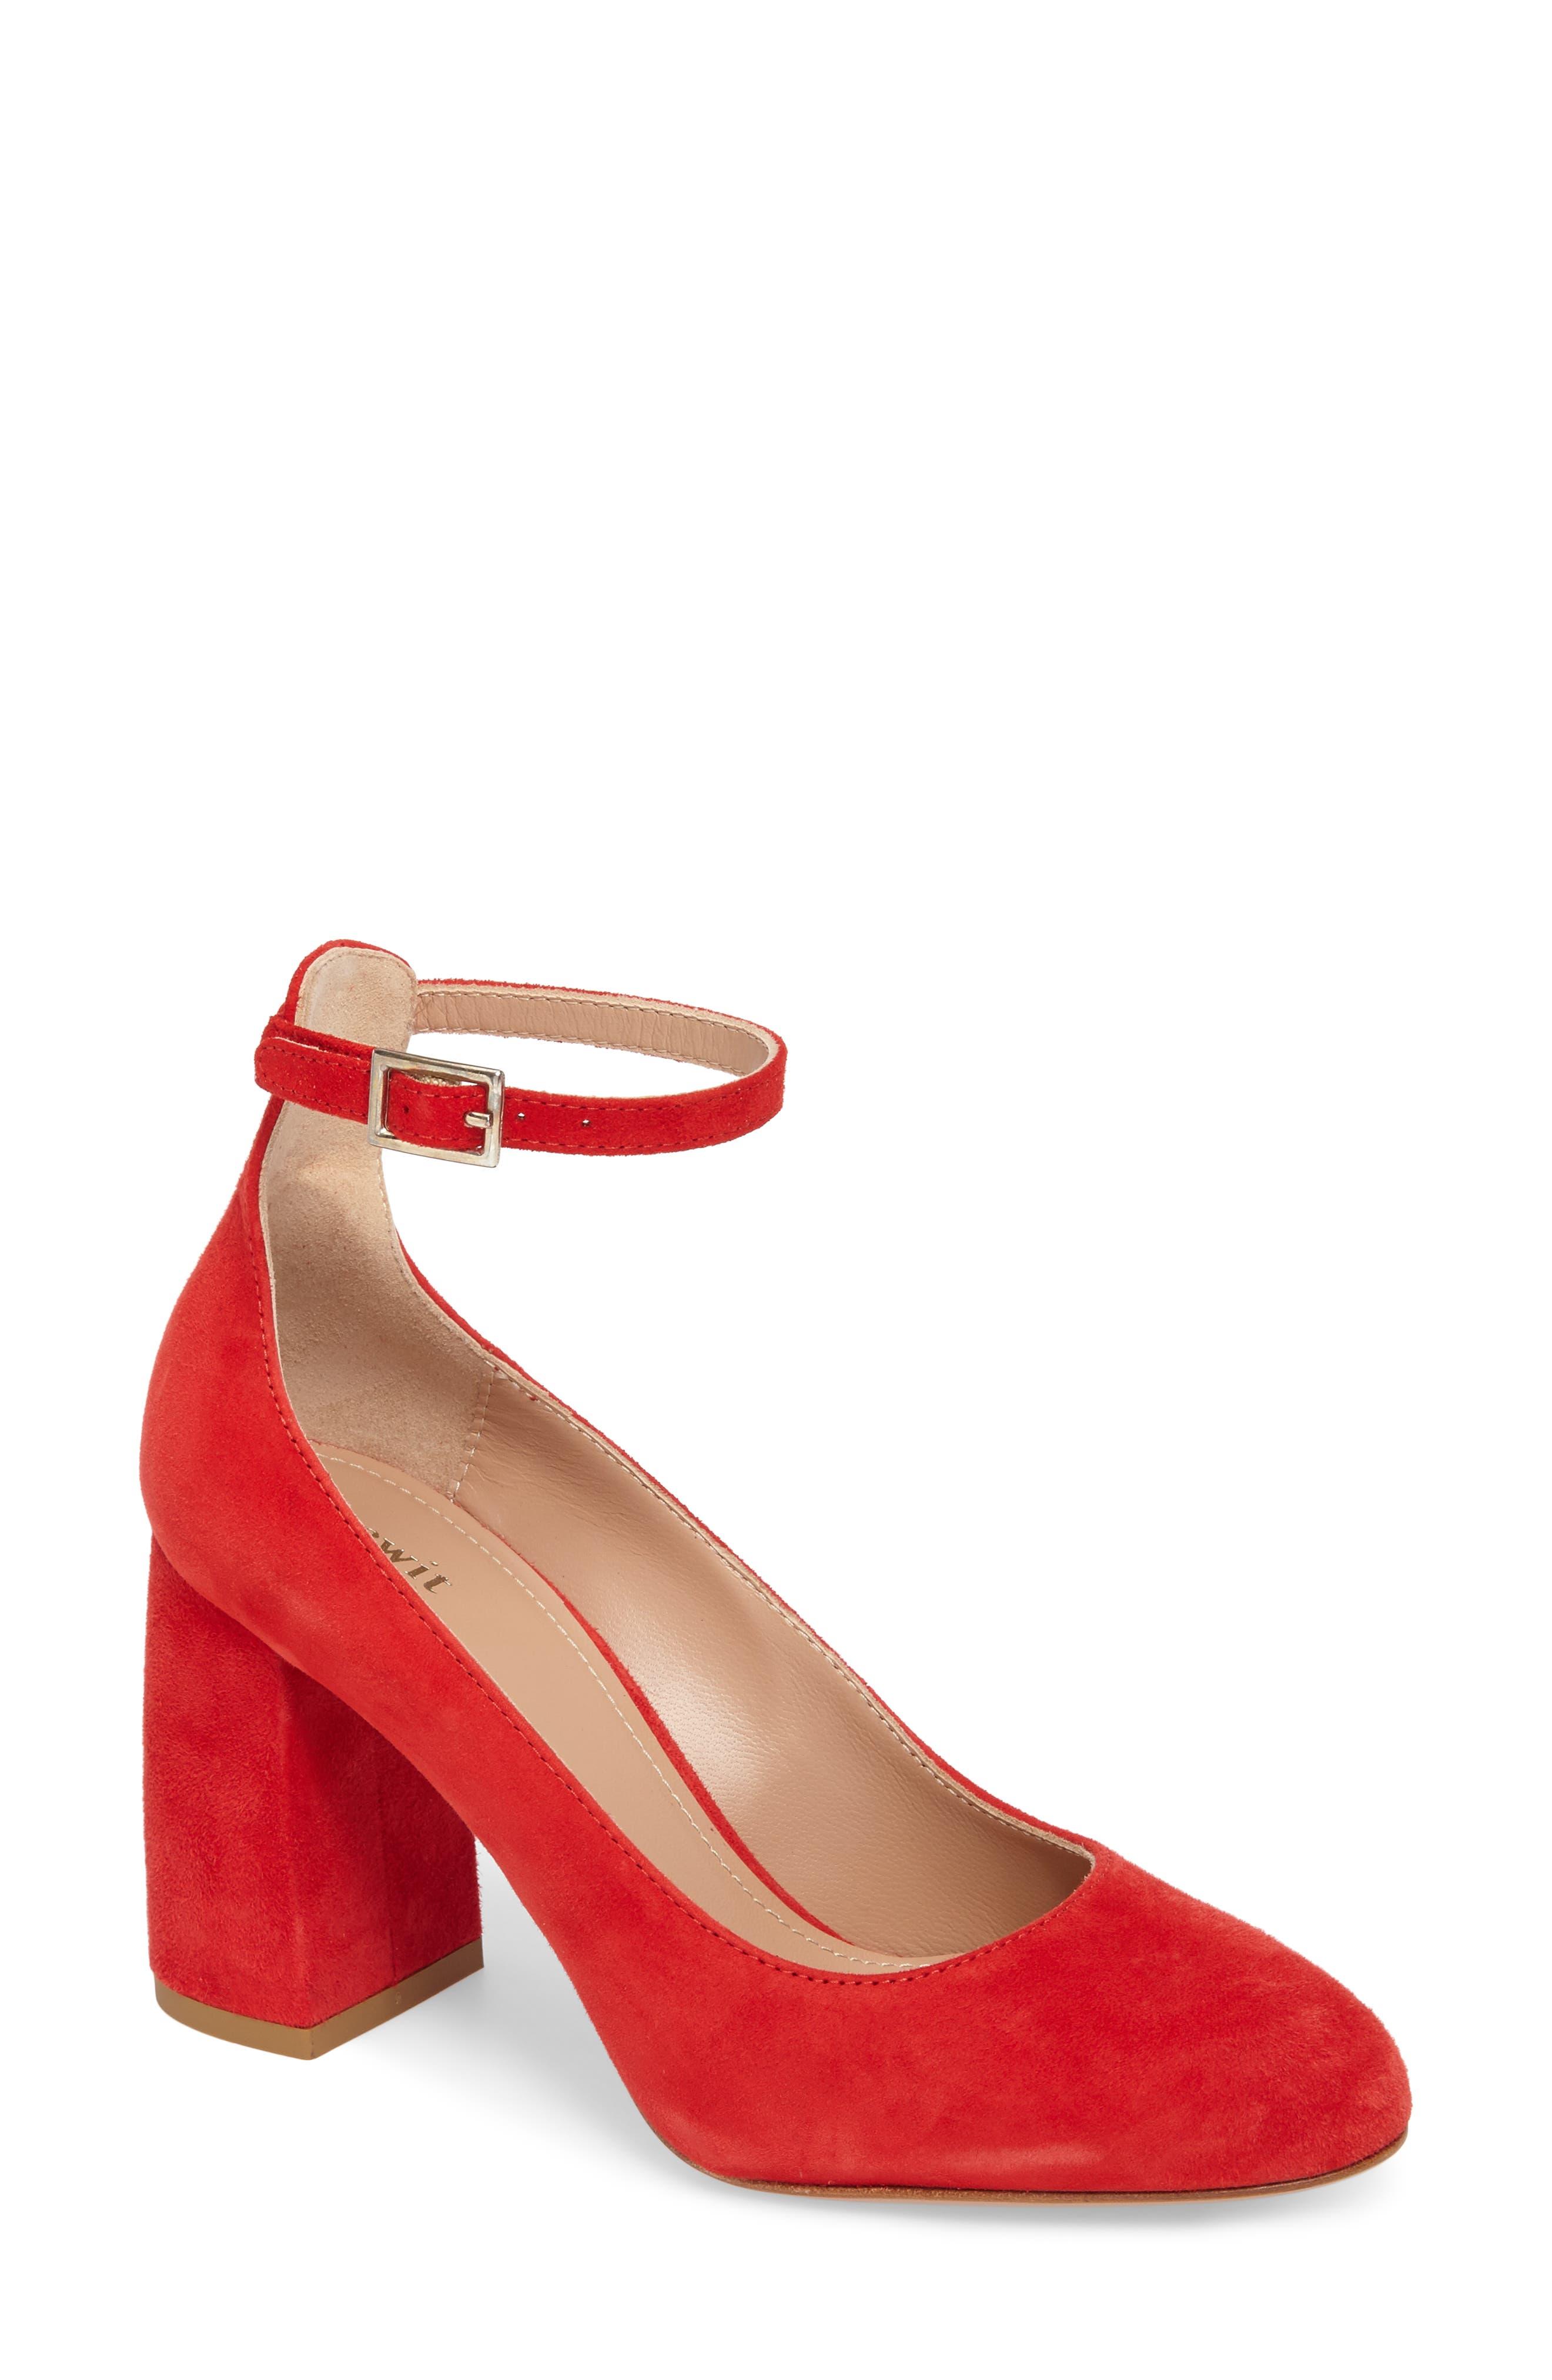 Lewit Emilia Ankle Strap Pump (Women)